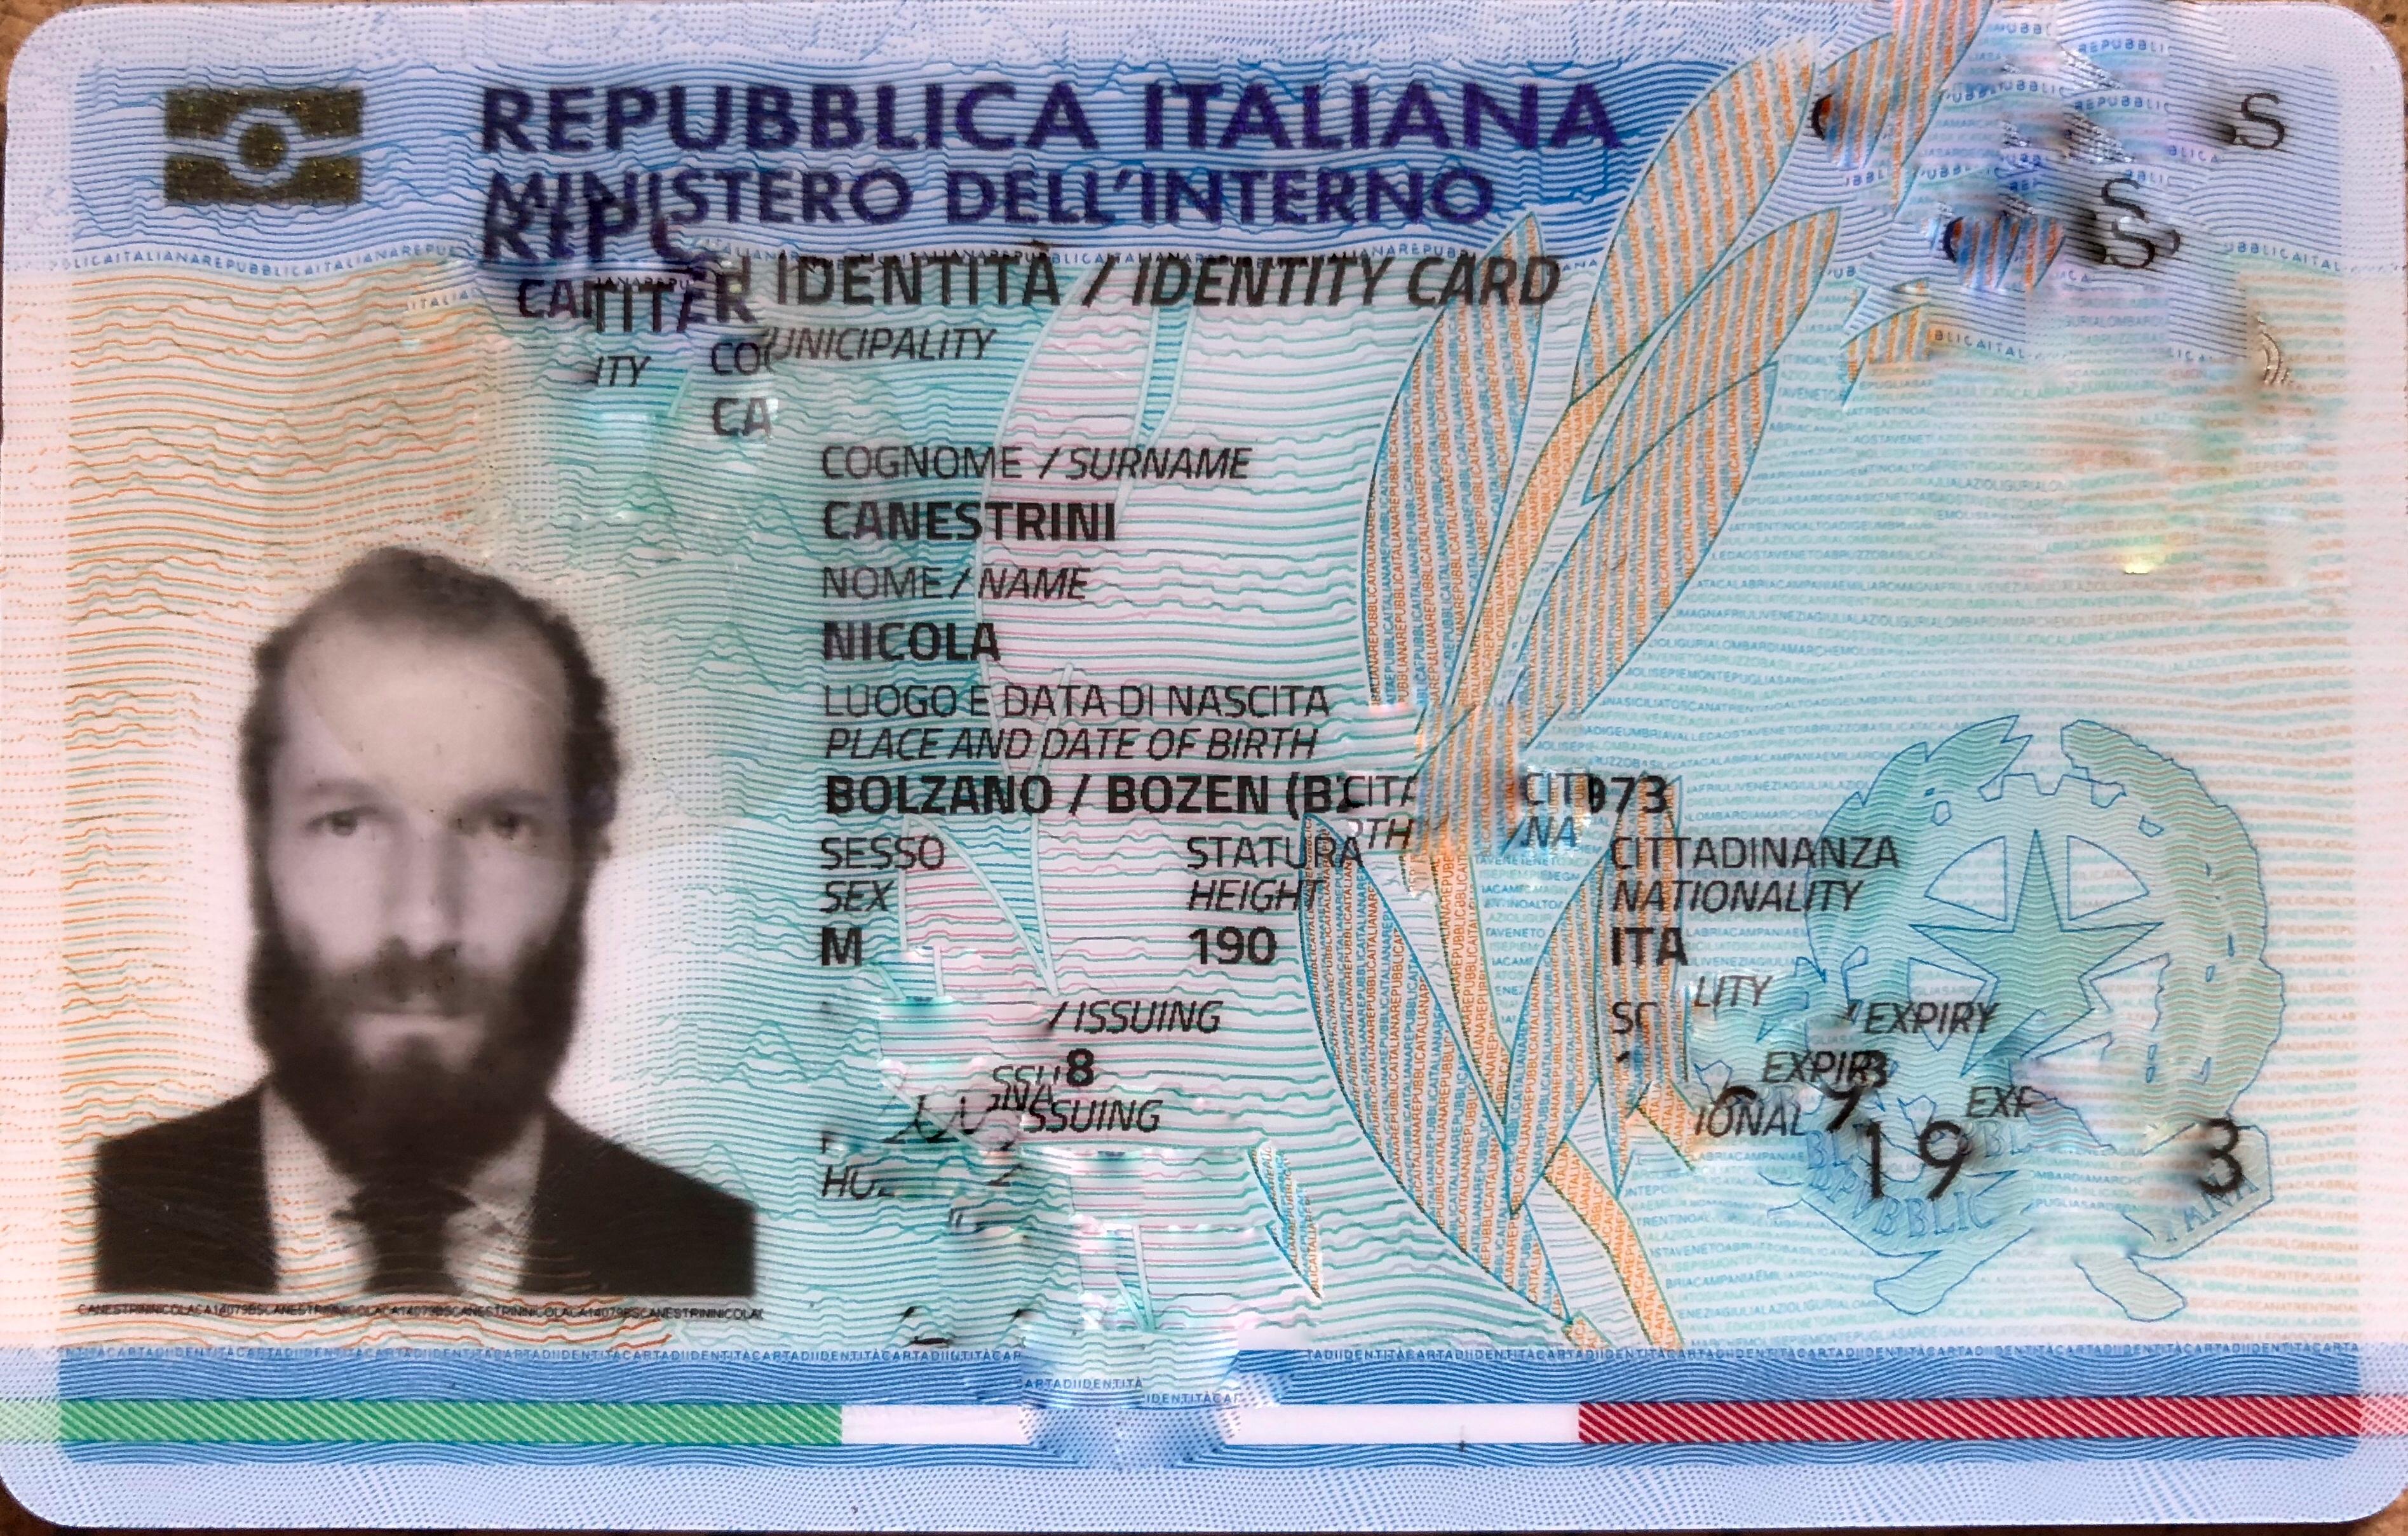 Denunciare falso smarrimento carta di identità è reato (Cass ...